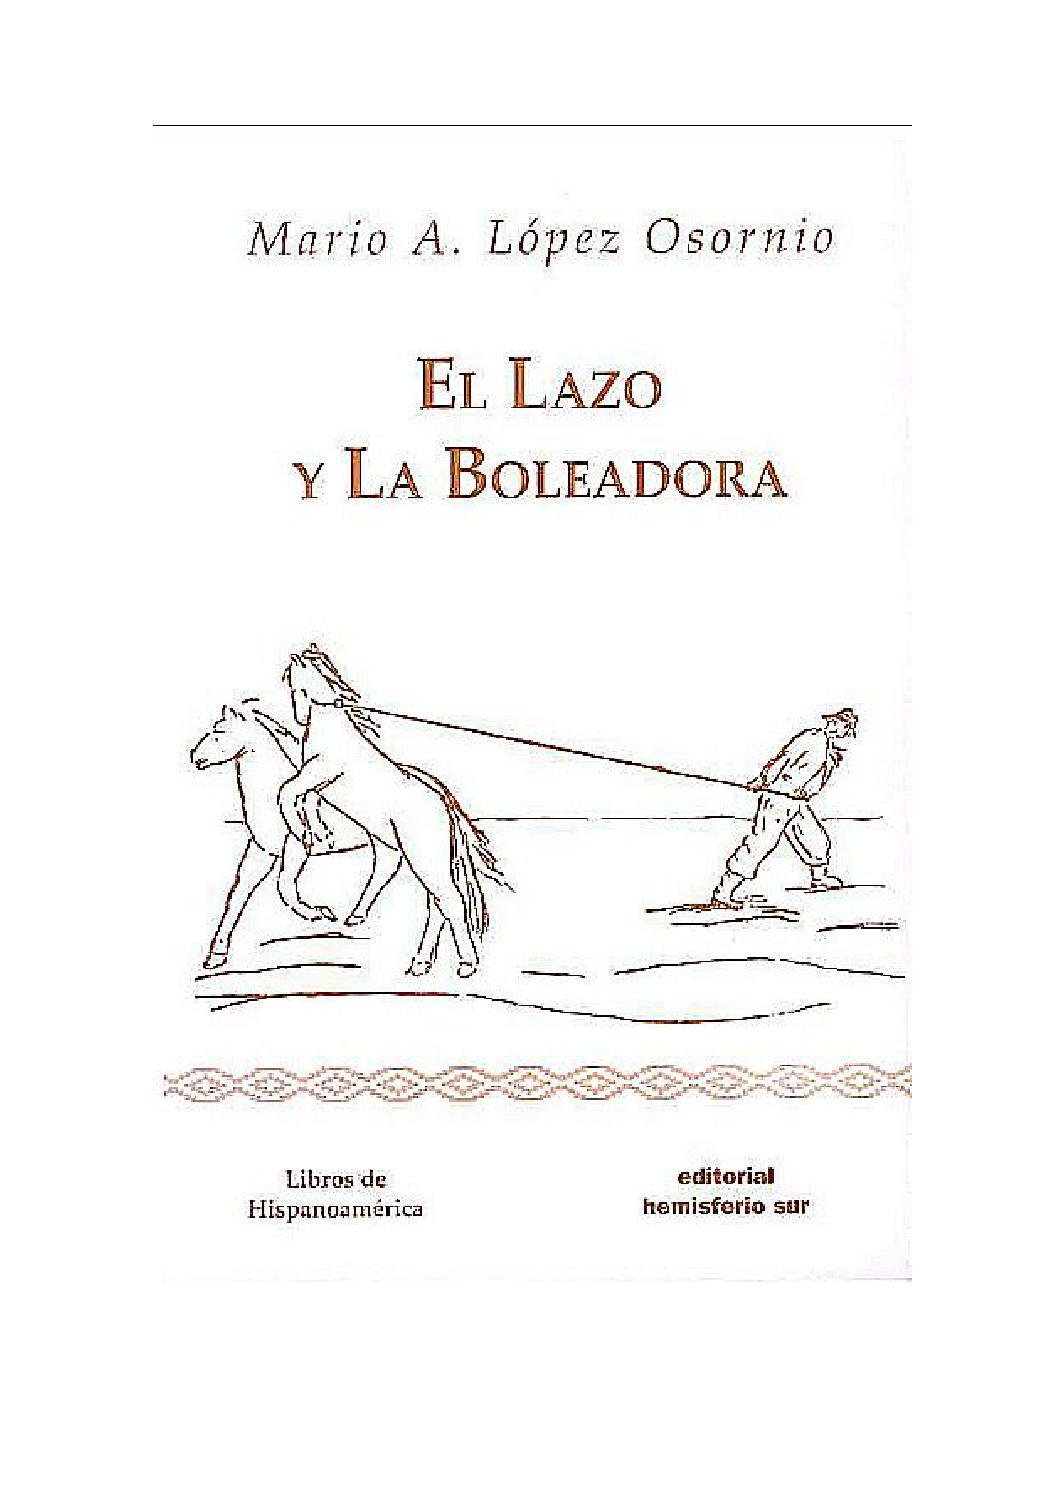 El lazo y las boleadoras by Agenda Gaucha - issuu